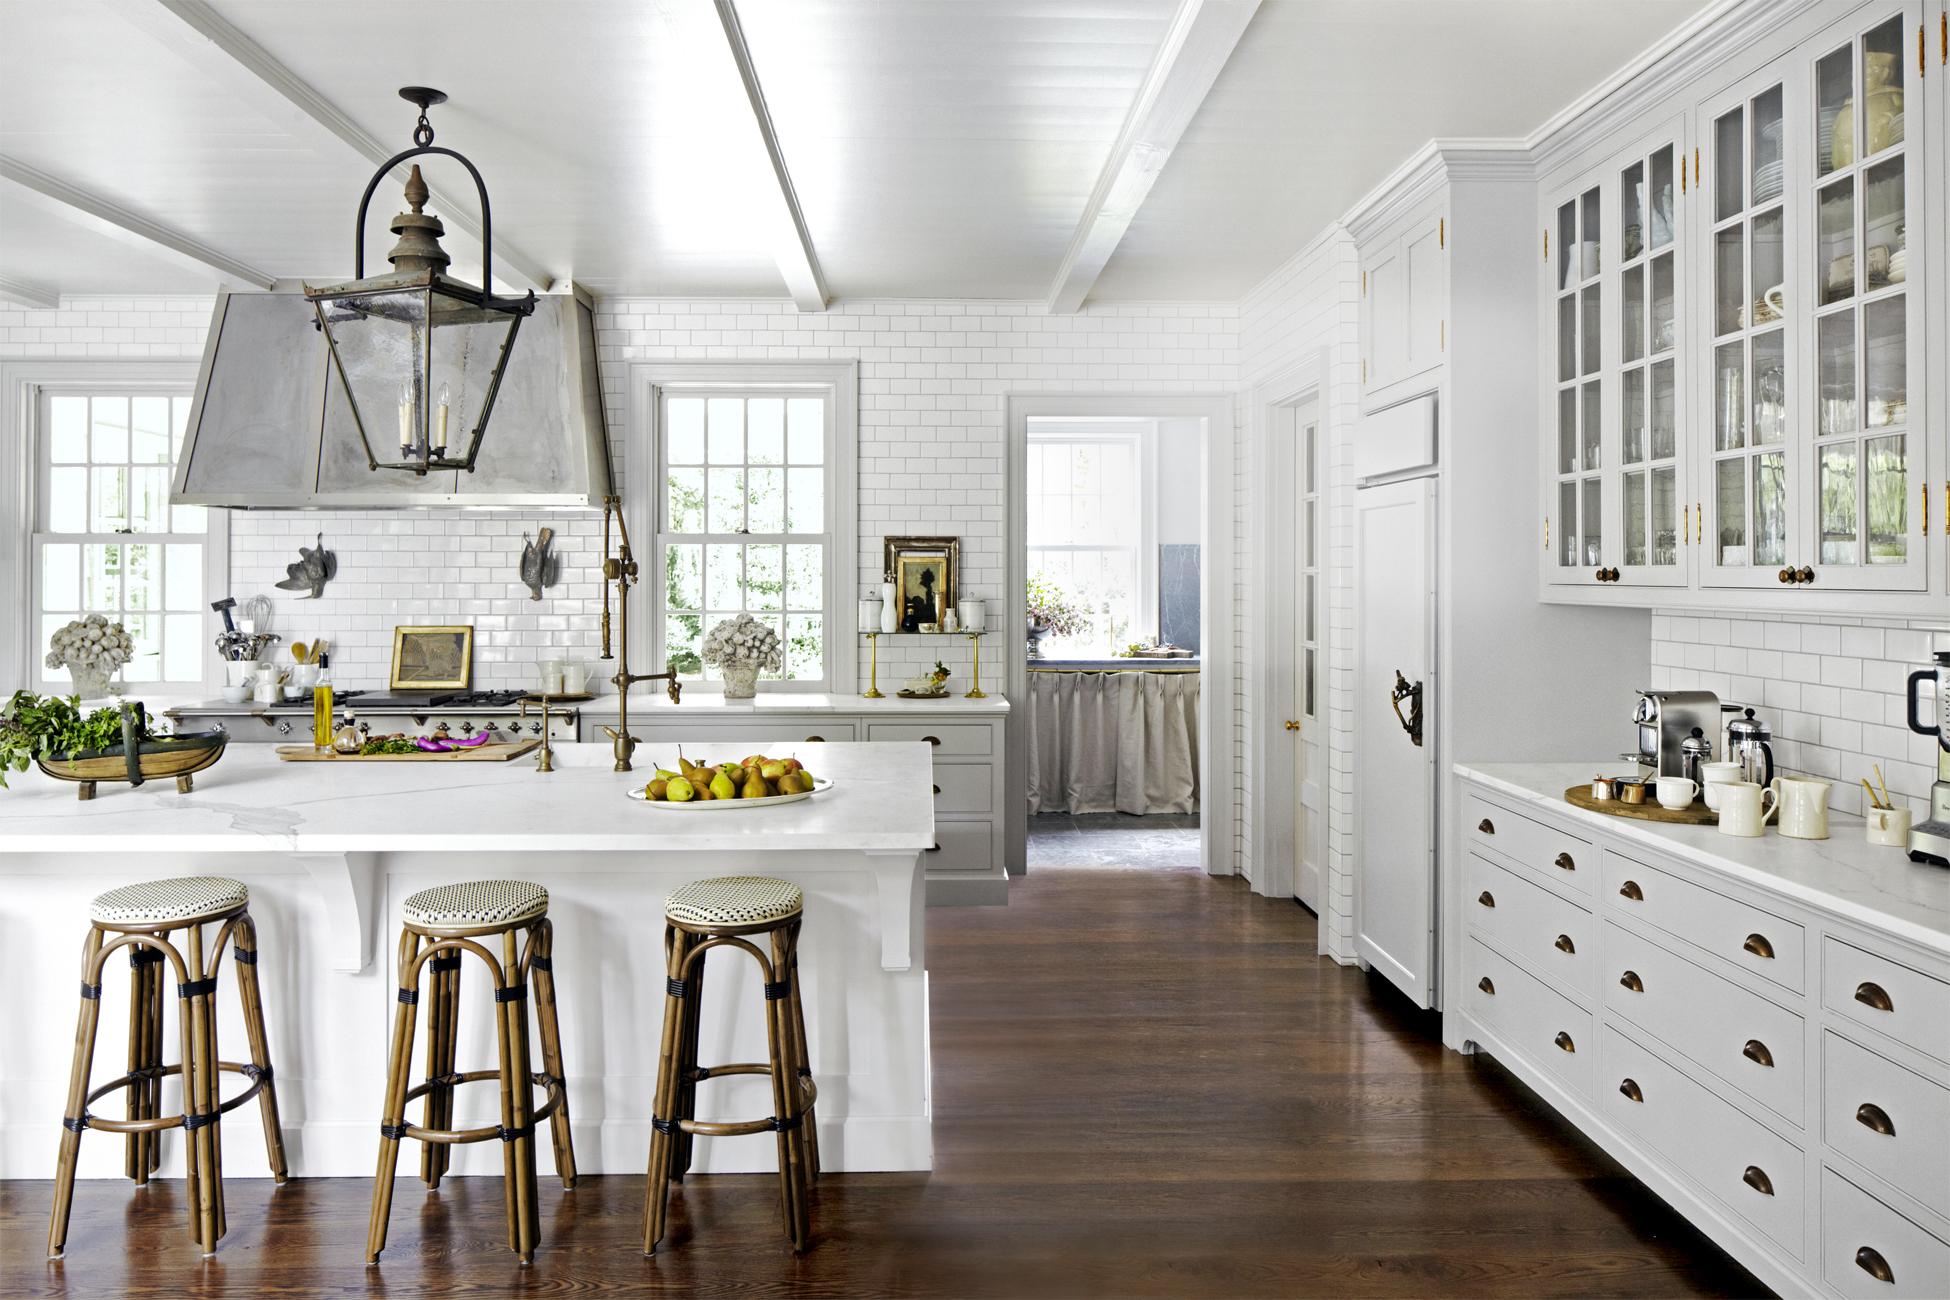 https://www.investorwize.com/wp-content/uploads/2018/01/1483474392-kitchen-reinvention-dark-floors-0117.jpg